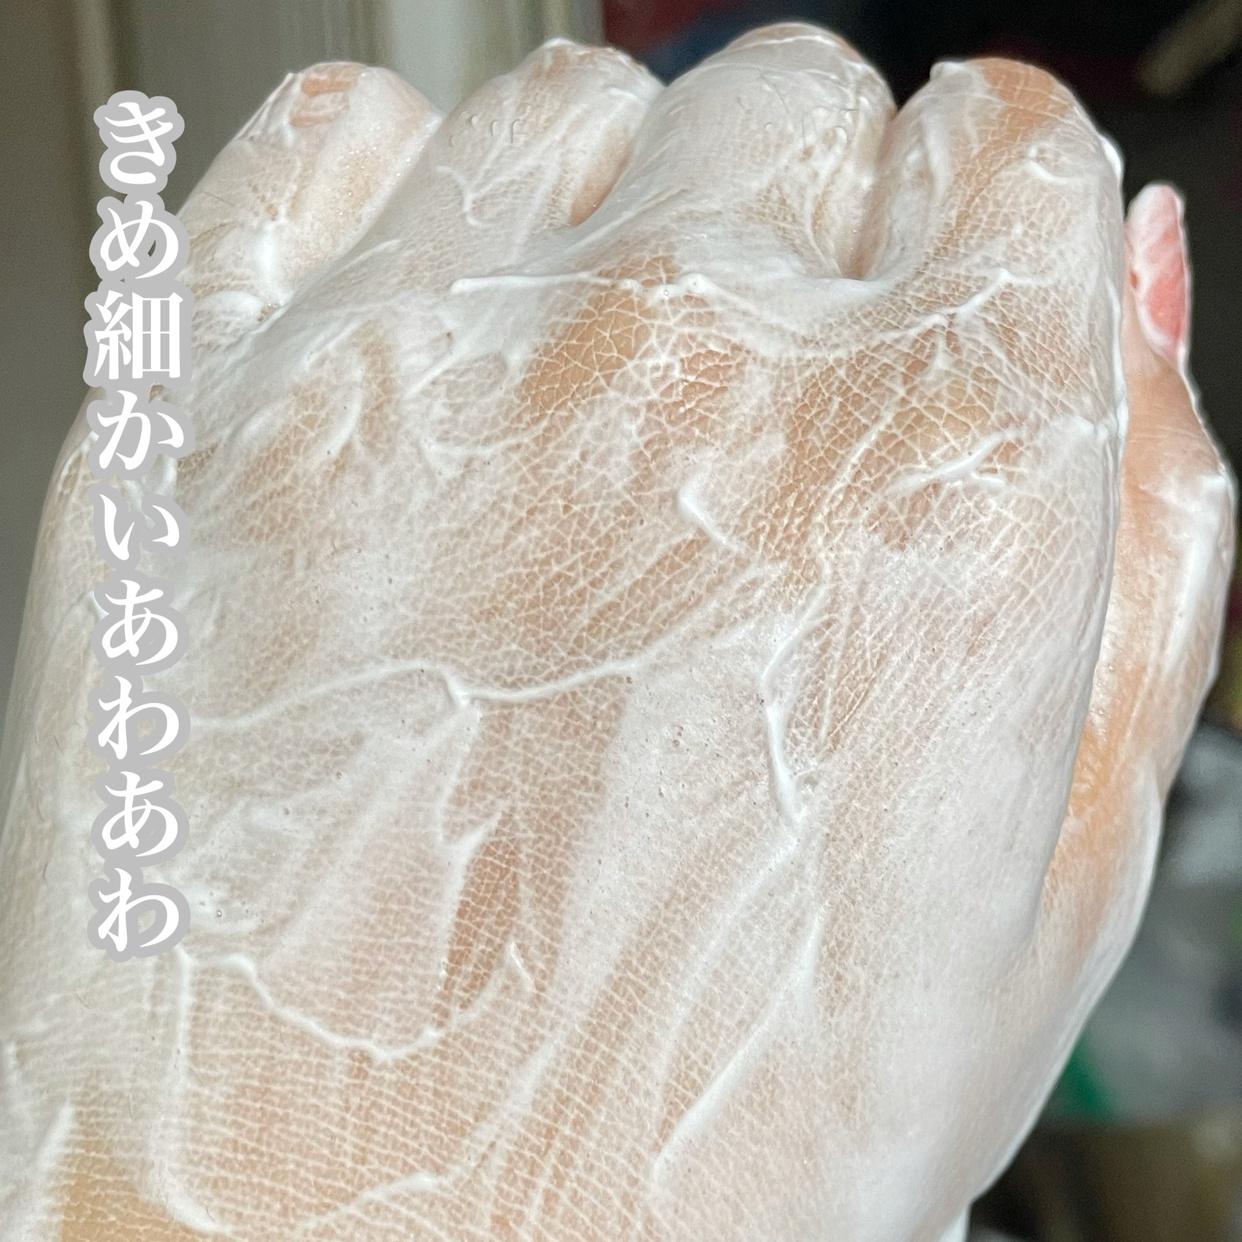 TSURUTAMA(ツルタマ)卵屋さんのしっとり洗顔を使ったあひるさんのクチコミ画像3